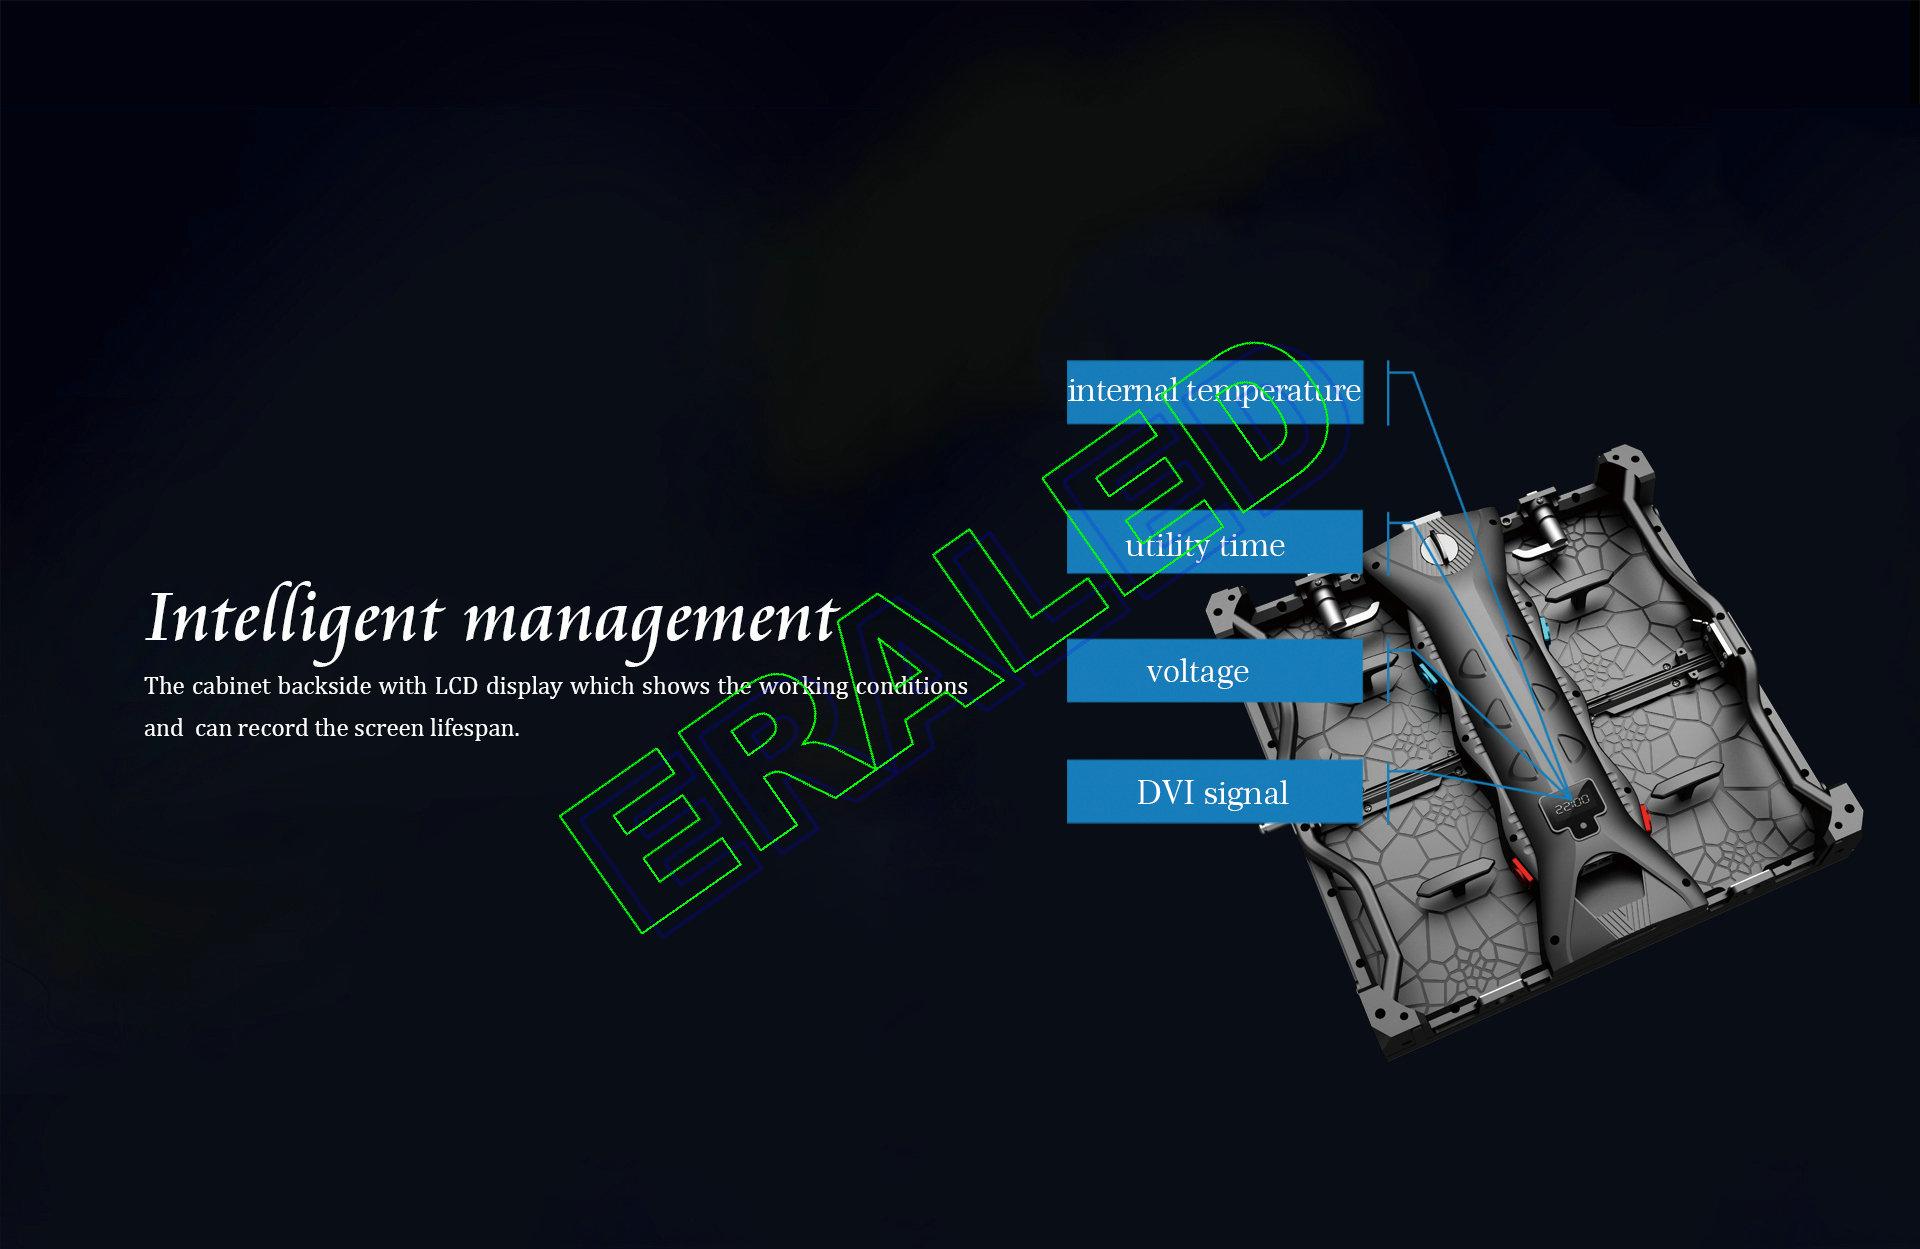 500x500-dual-service4.jpg